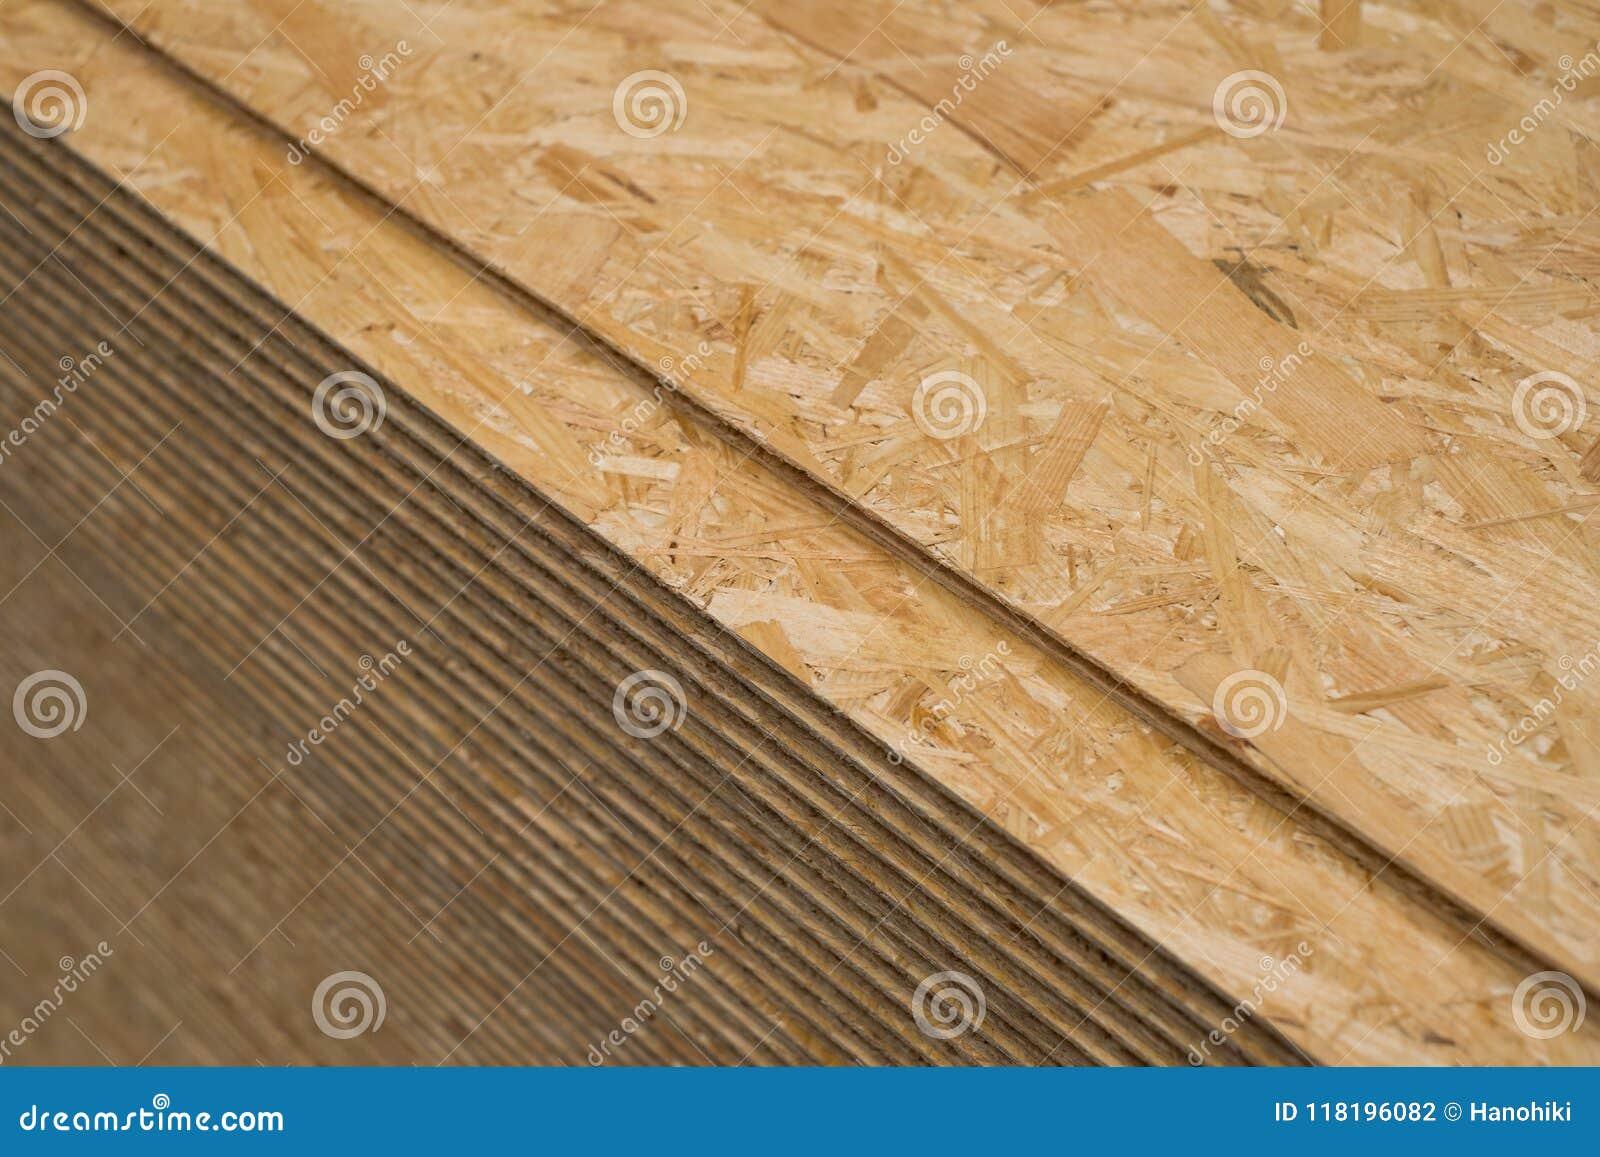 Pannelli Di Legno Osb truciolato, compensato - legno della costruzione, pannello